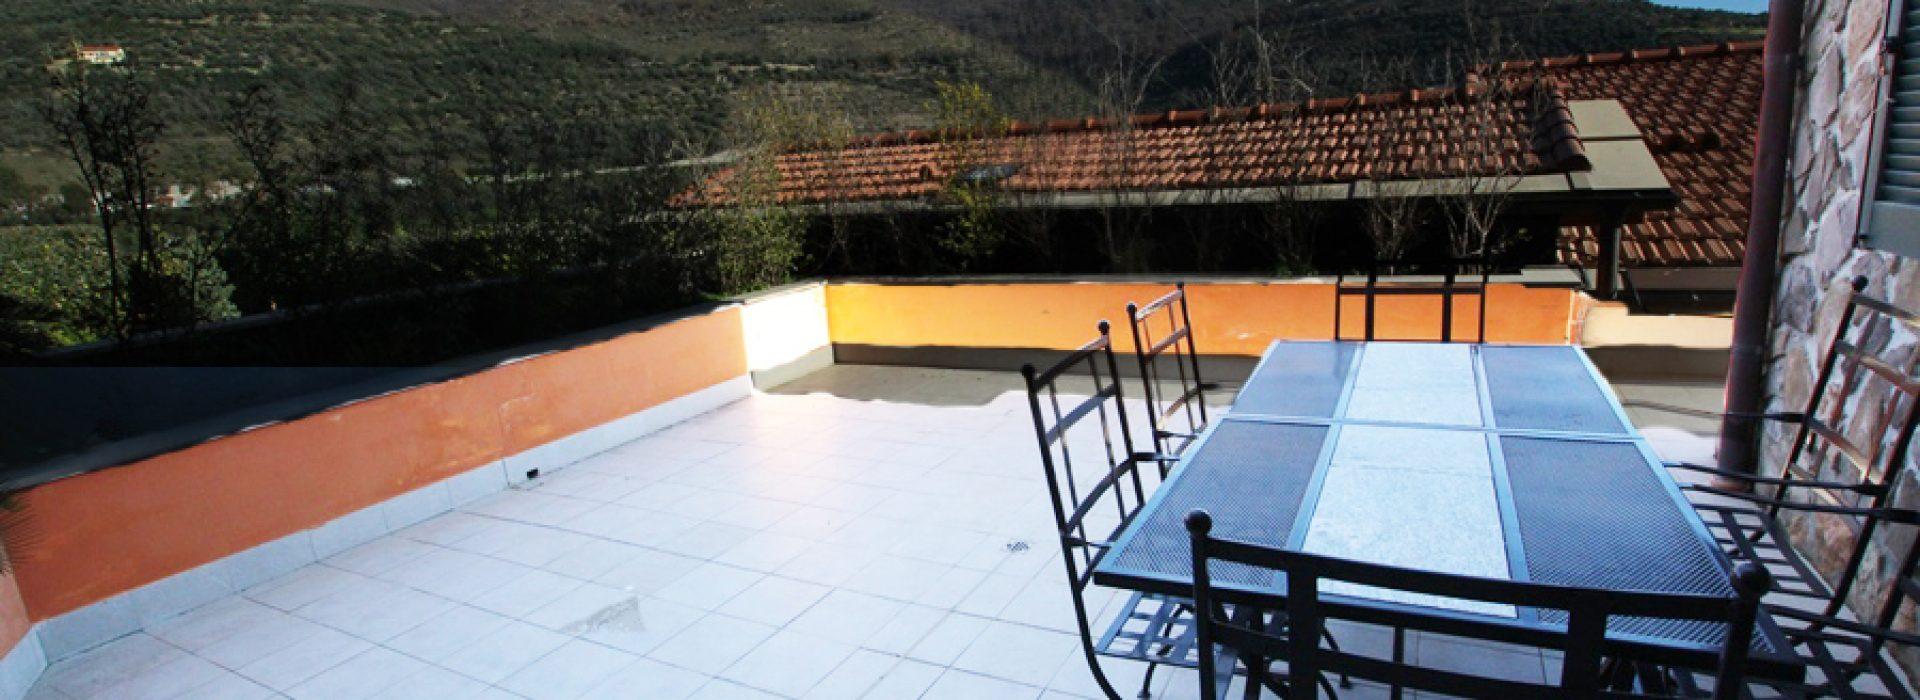 Vendesi alloggio di classe in Castellaro Golf